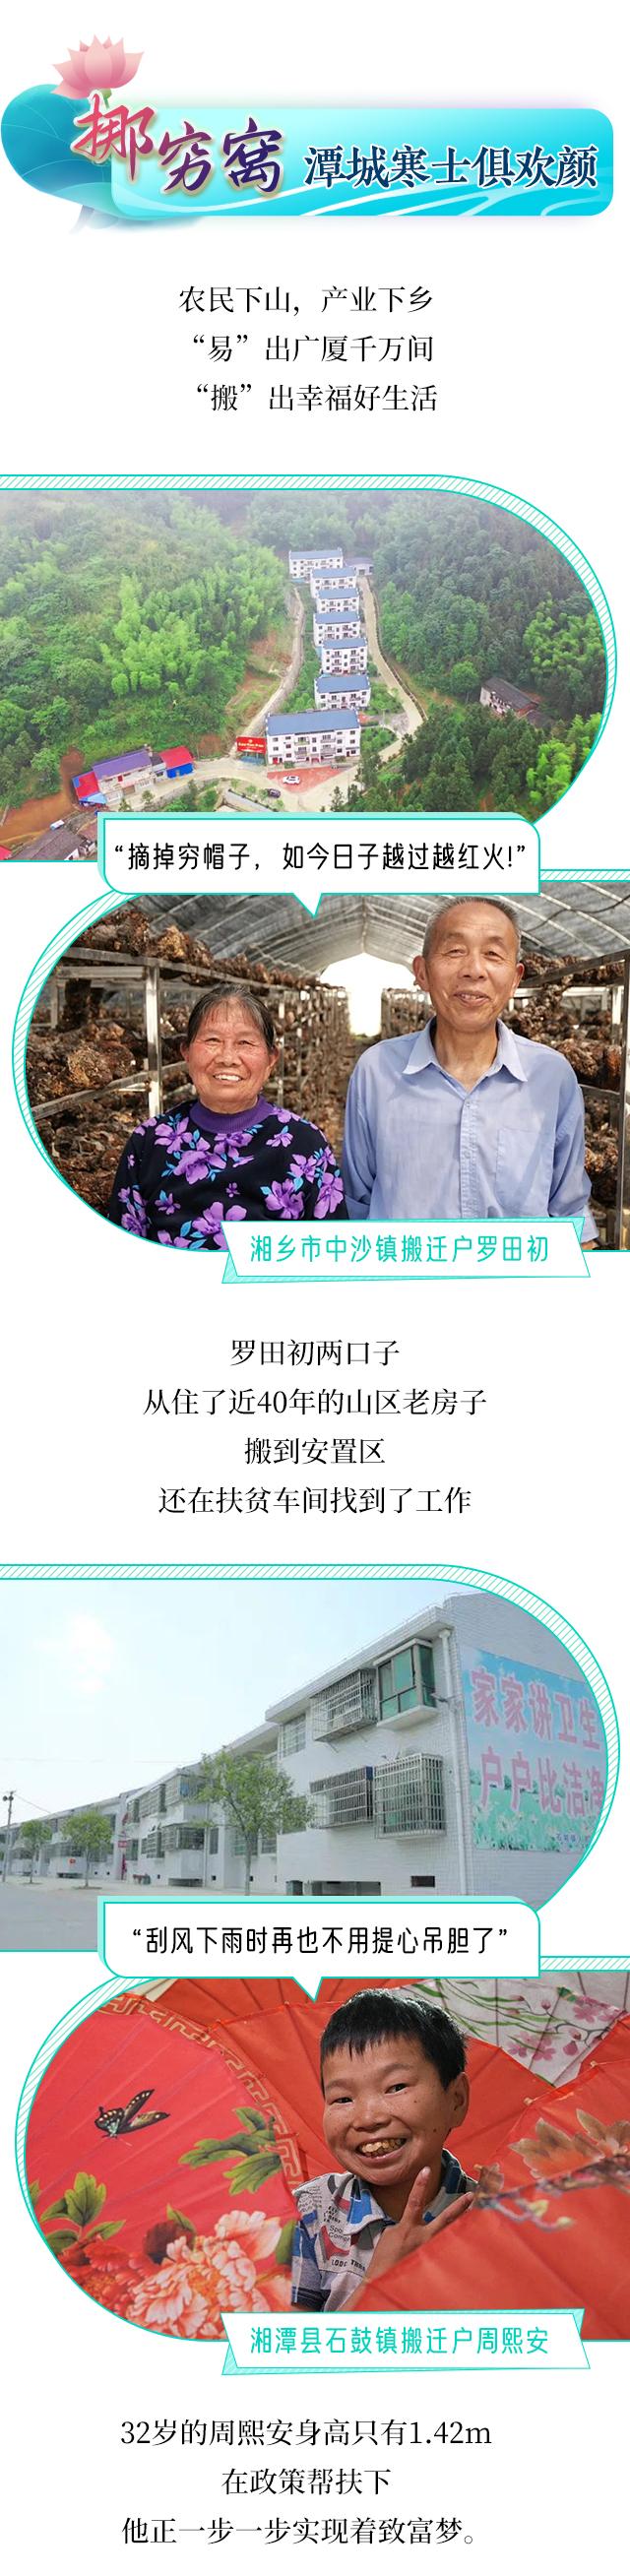 湘潭長圖第三部分_01.jpg